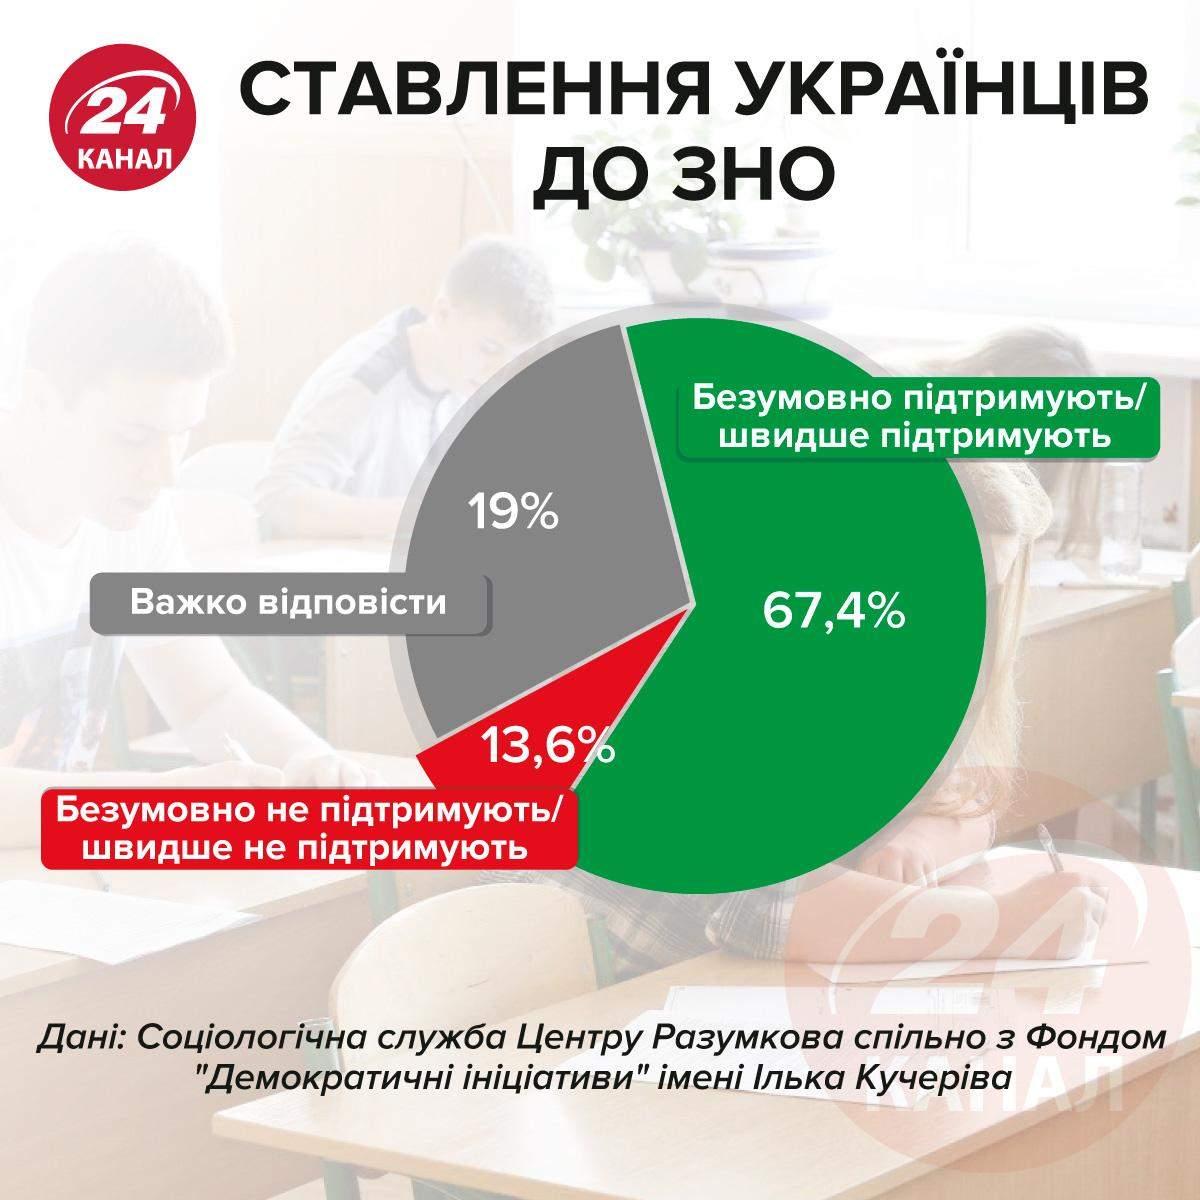 Отношение украинцев к ВНО инфографика 24 канал